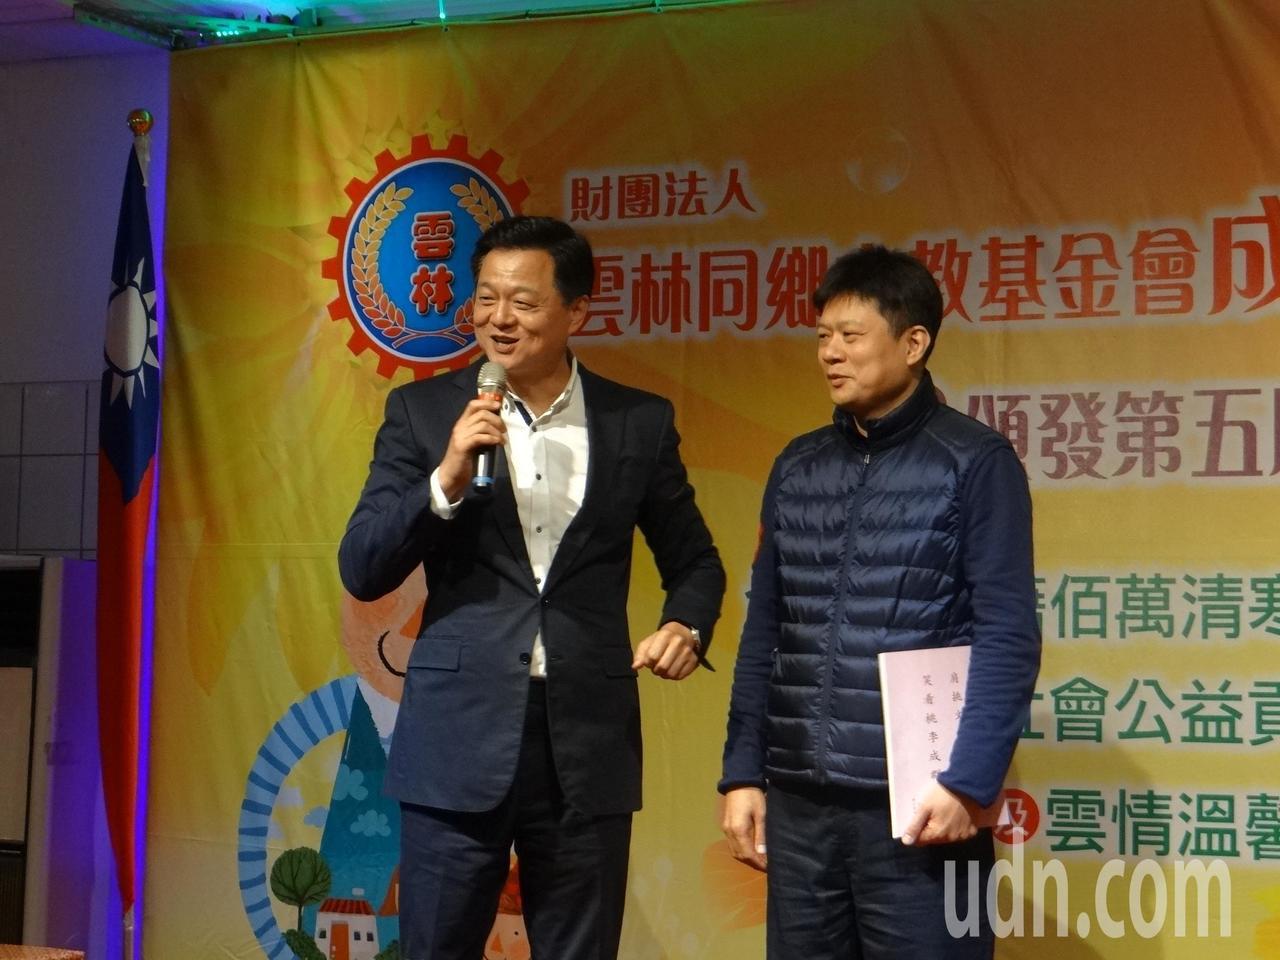 有意角逐新北市長的前台北縣長周錫瑋也到場,尋求雲林旅北鄉親支持。記者蔡維斌/攝影